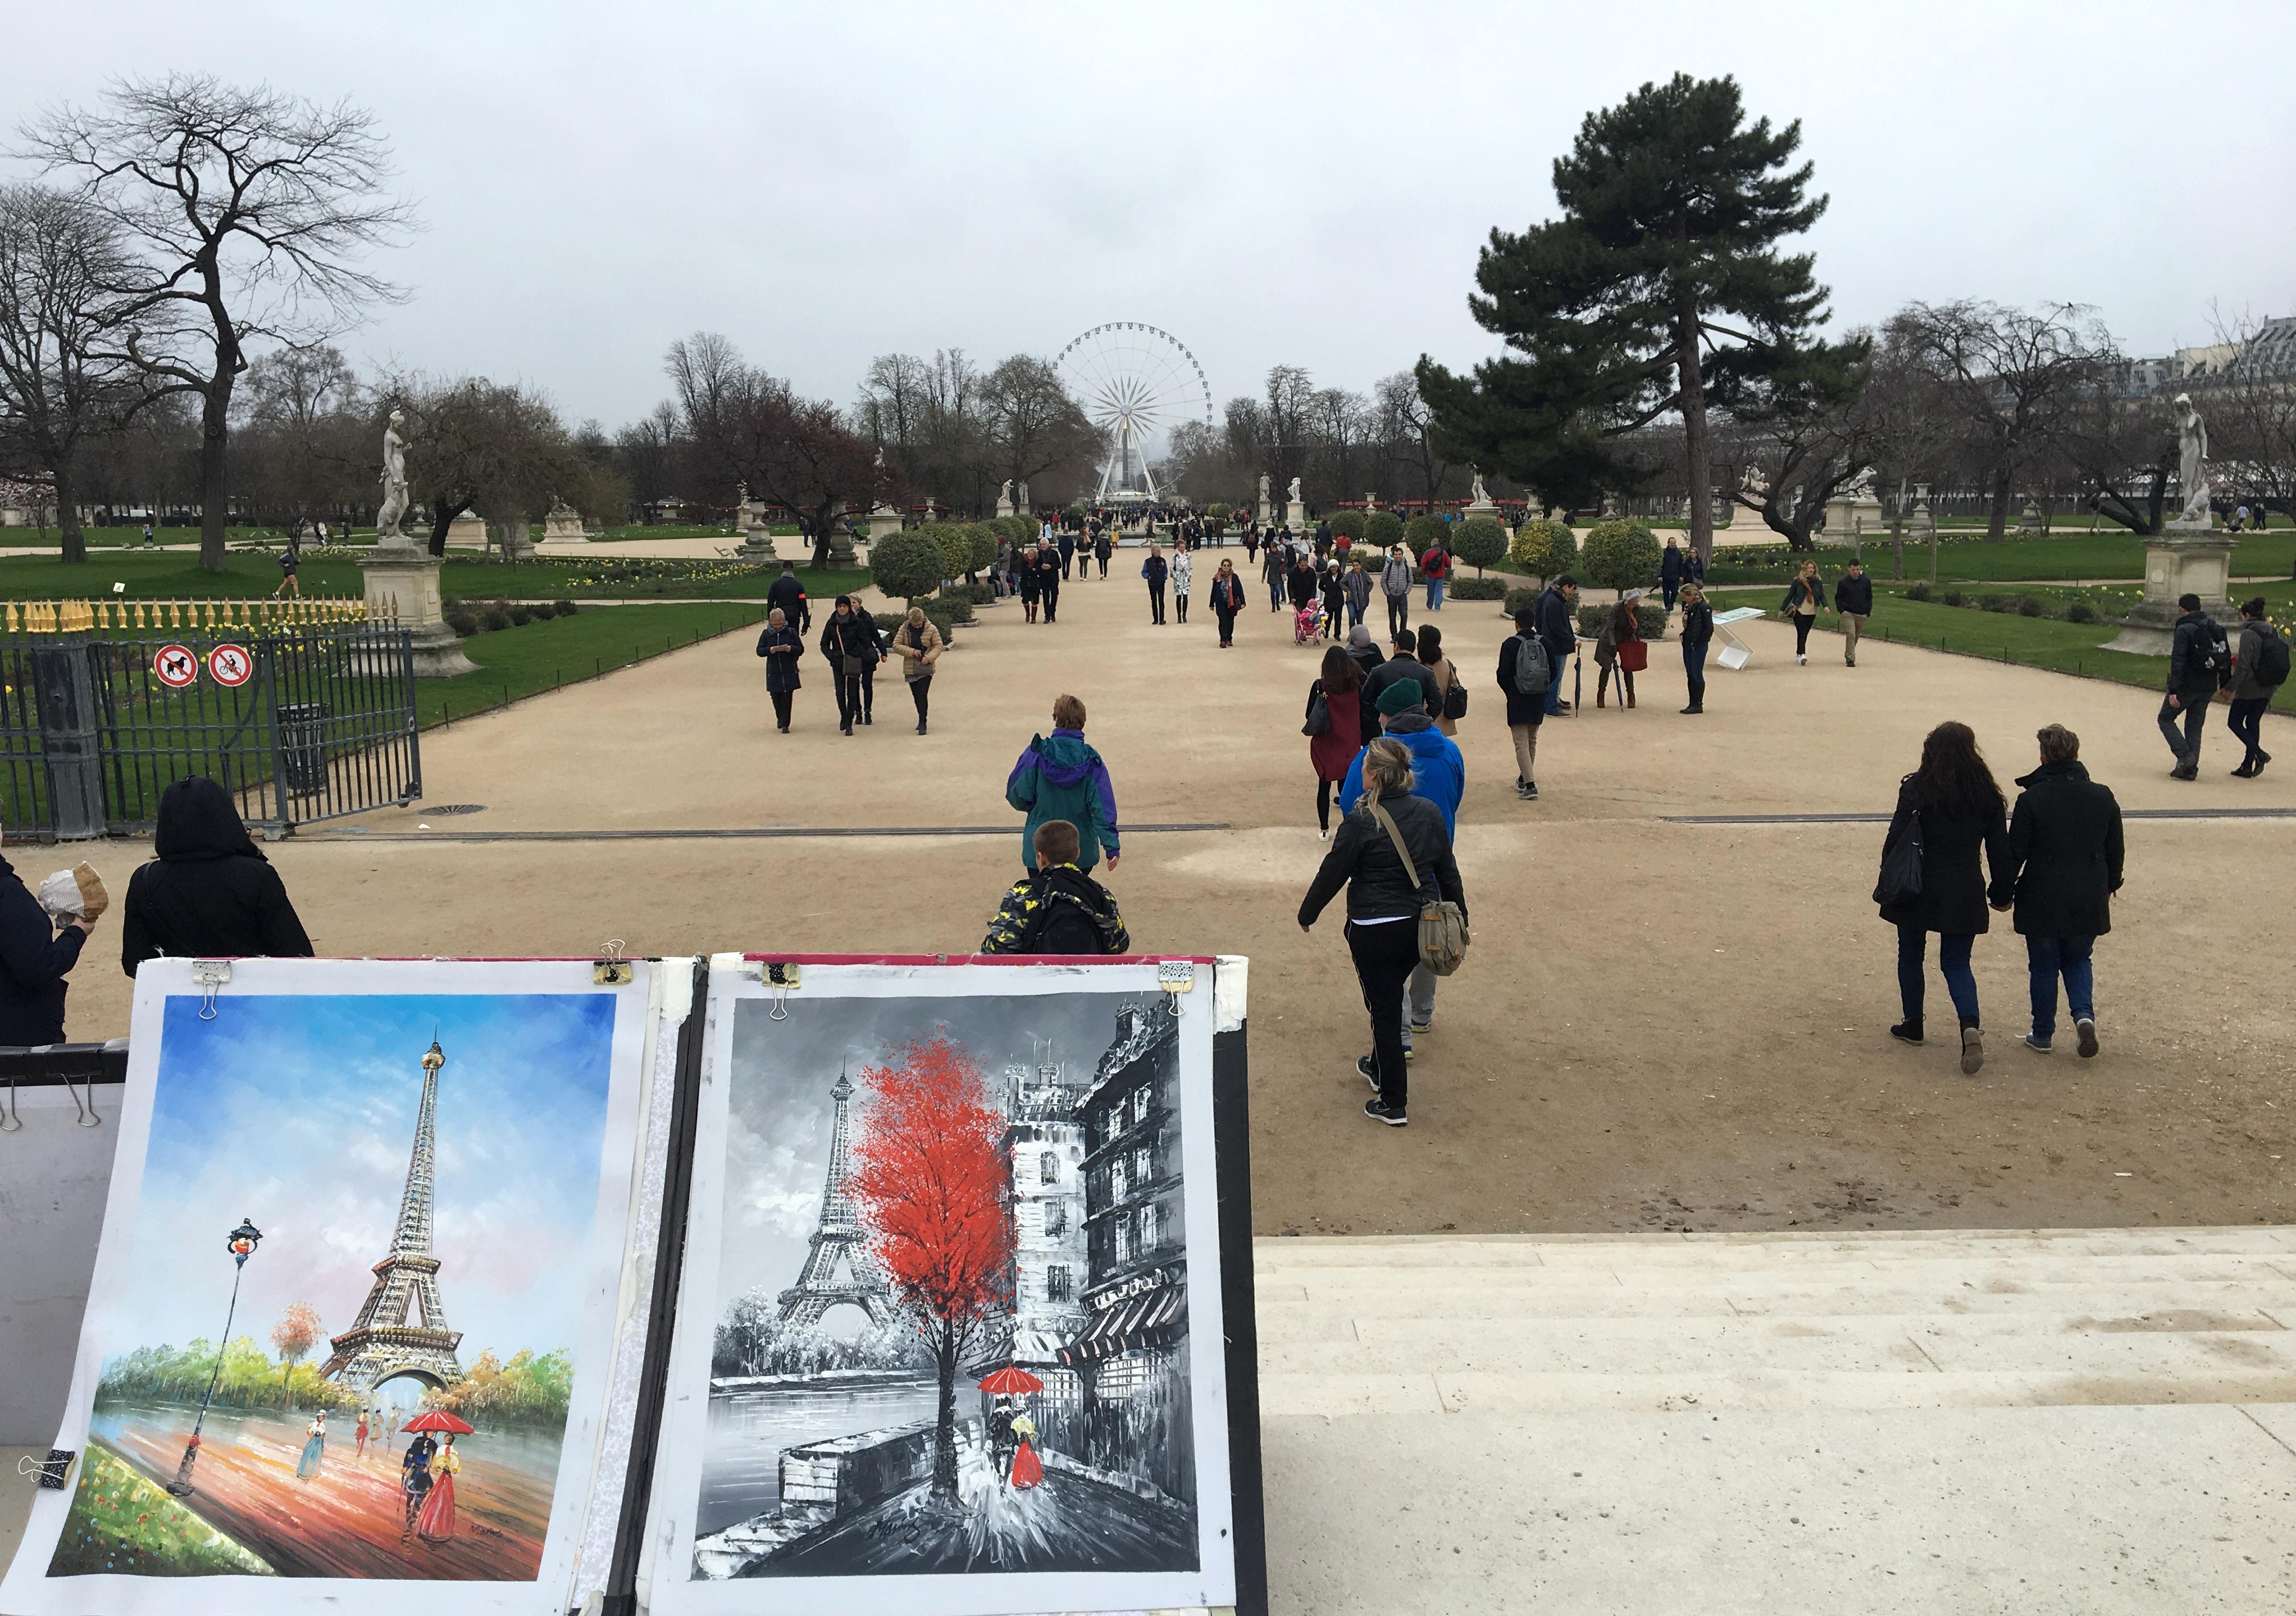 cosa fare gratis a Parigi: giardino Tuileries